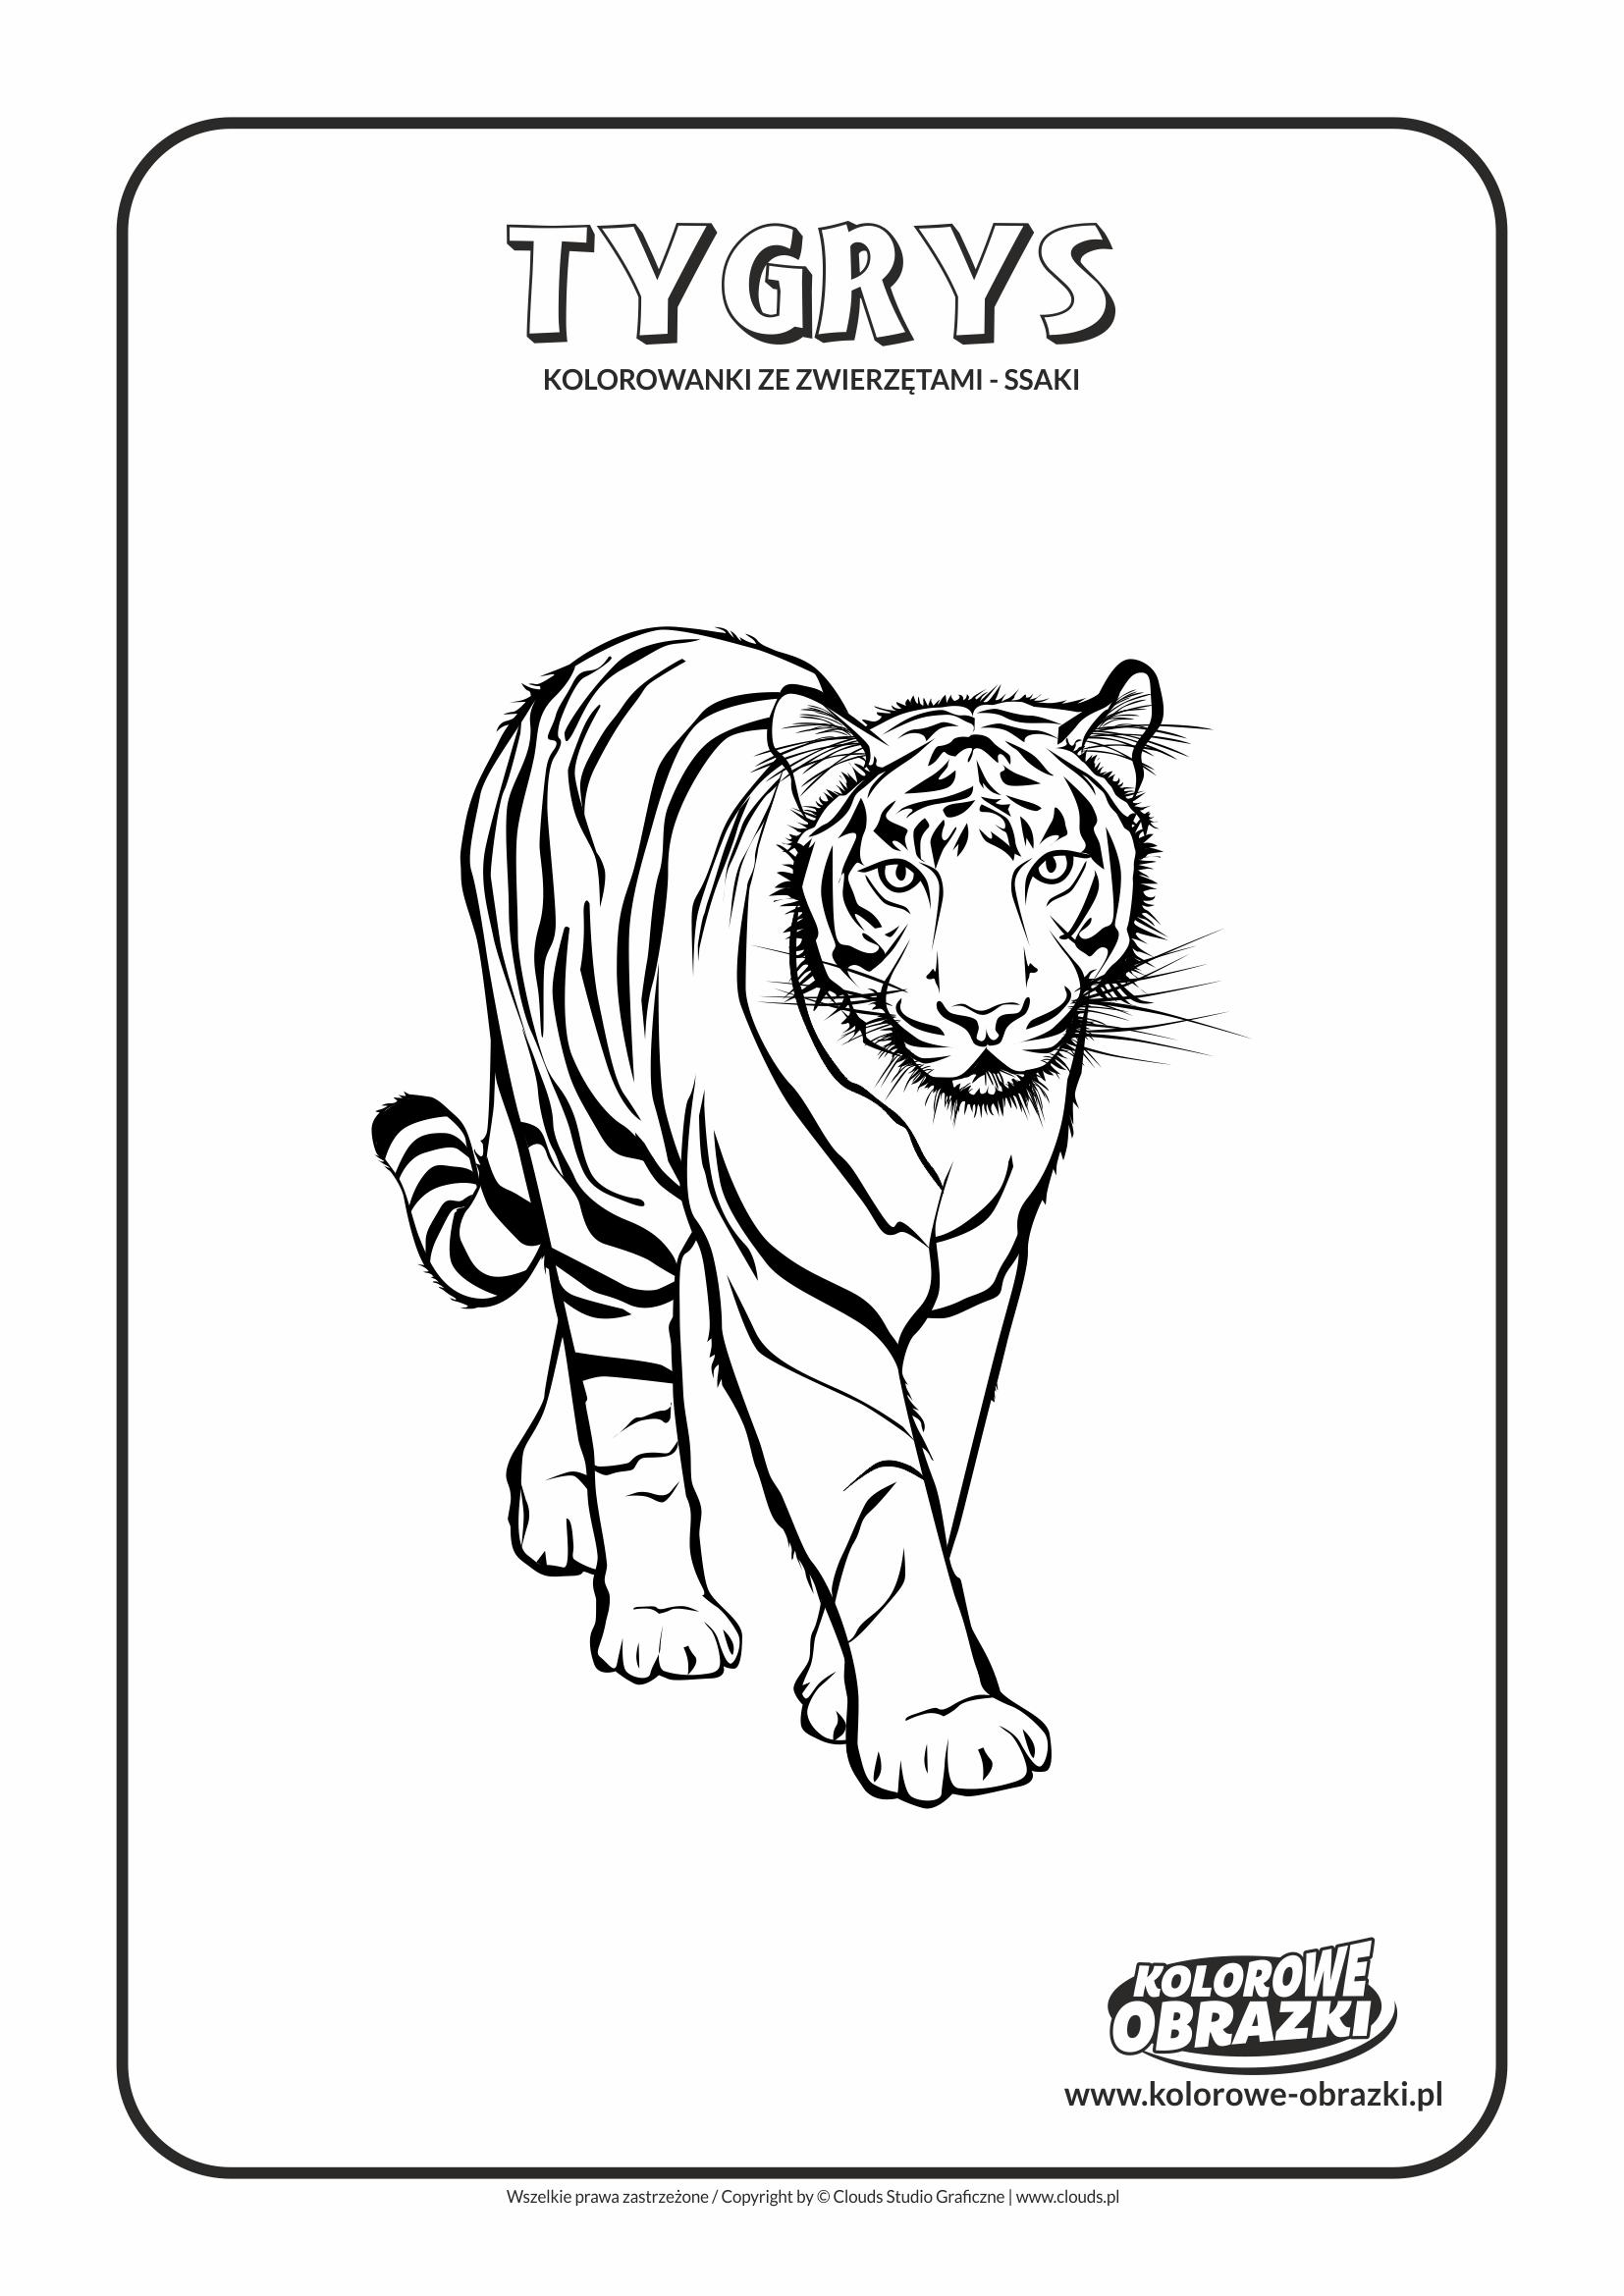 Kolorowanki dla dzieci - Zwierzęta / Tygrys Kolorowanka z tygrysem, Kolorowanka z tygrysem